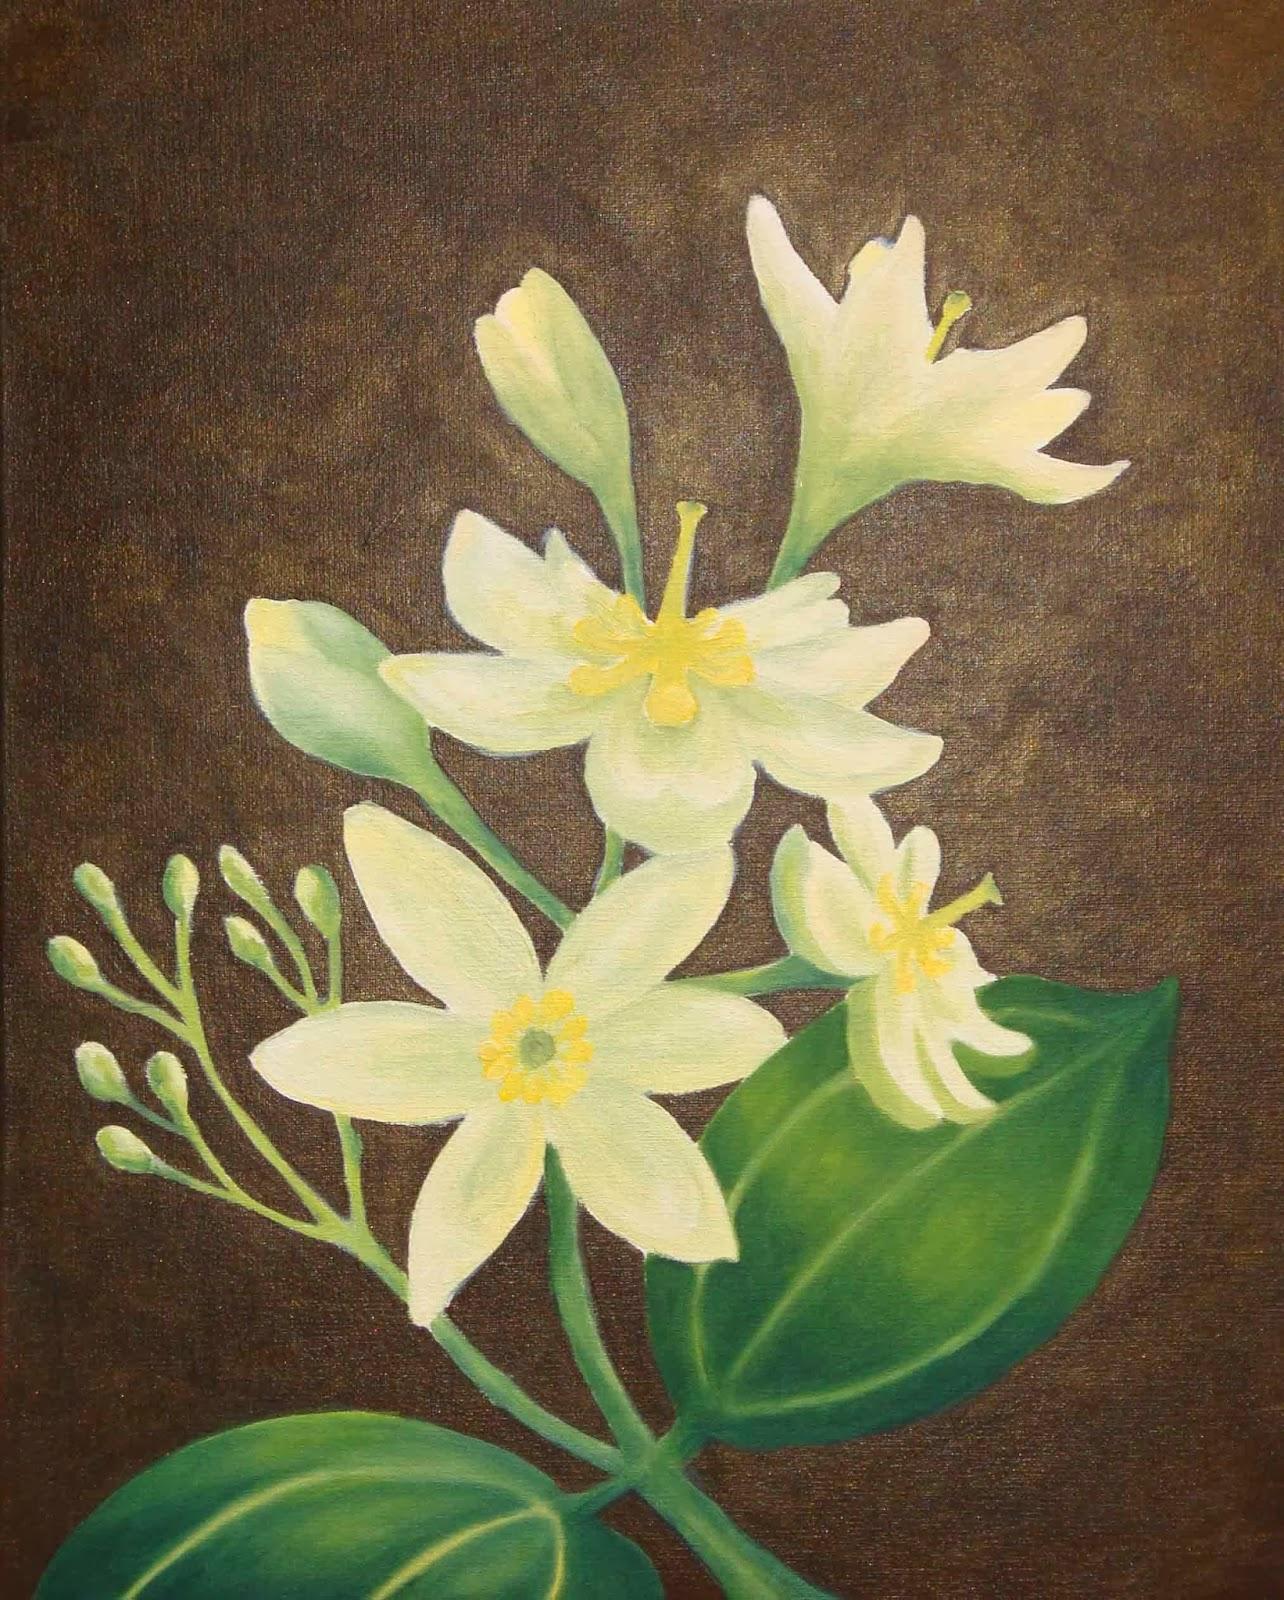 La flor dela canela – Dietas de nutricion y alimentos